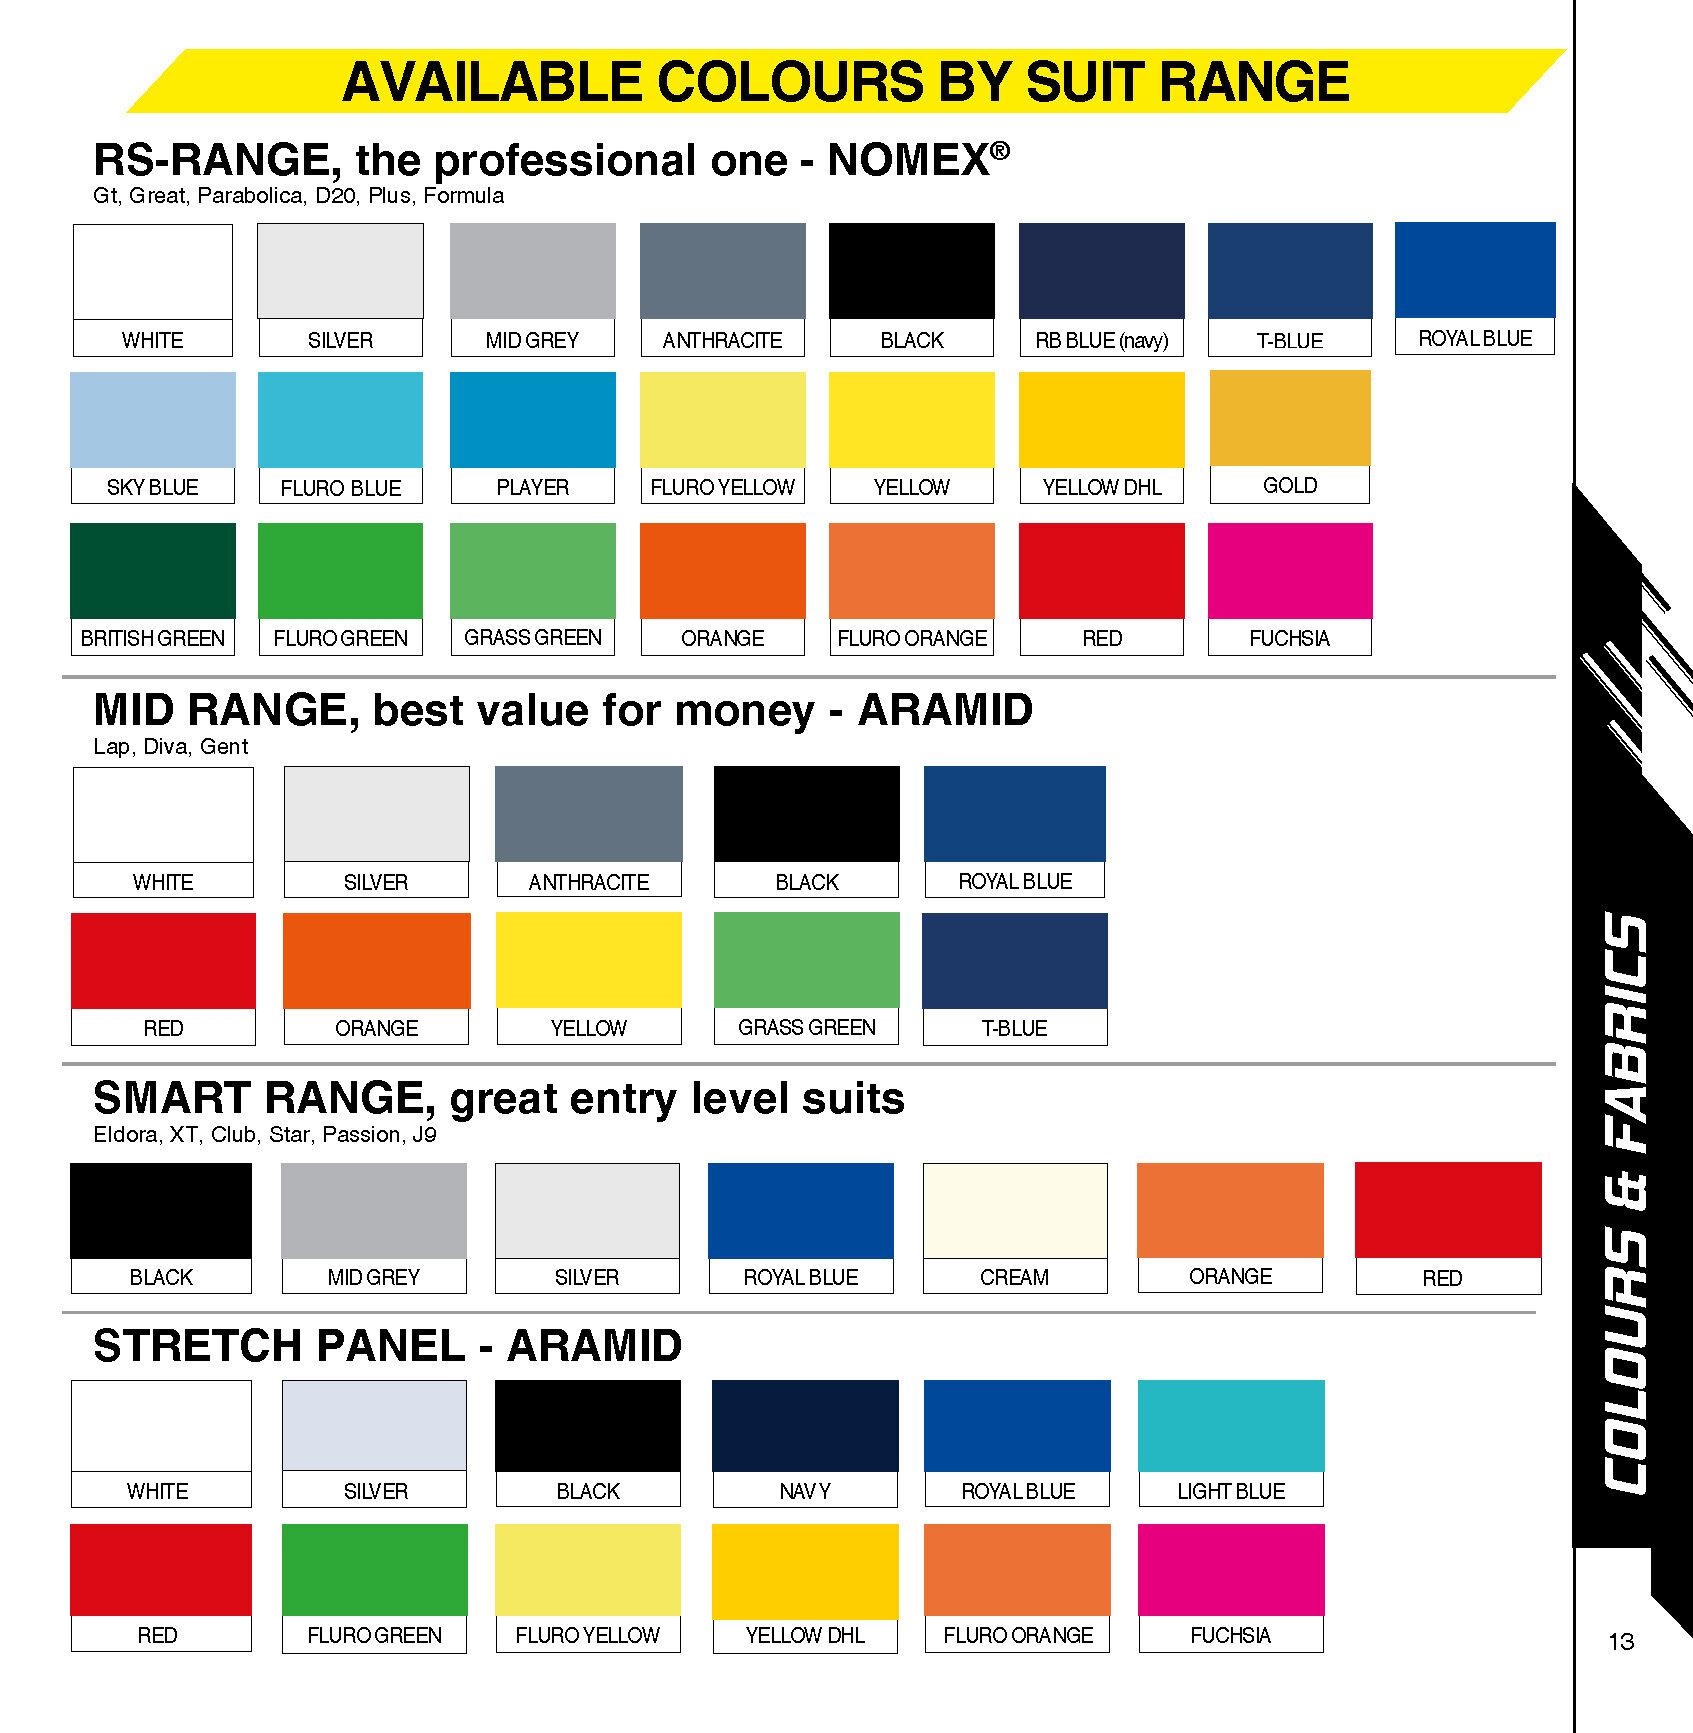 P1 Advanced Racewear Beschikbare kleuren per categorie